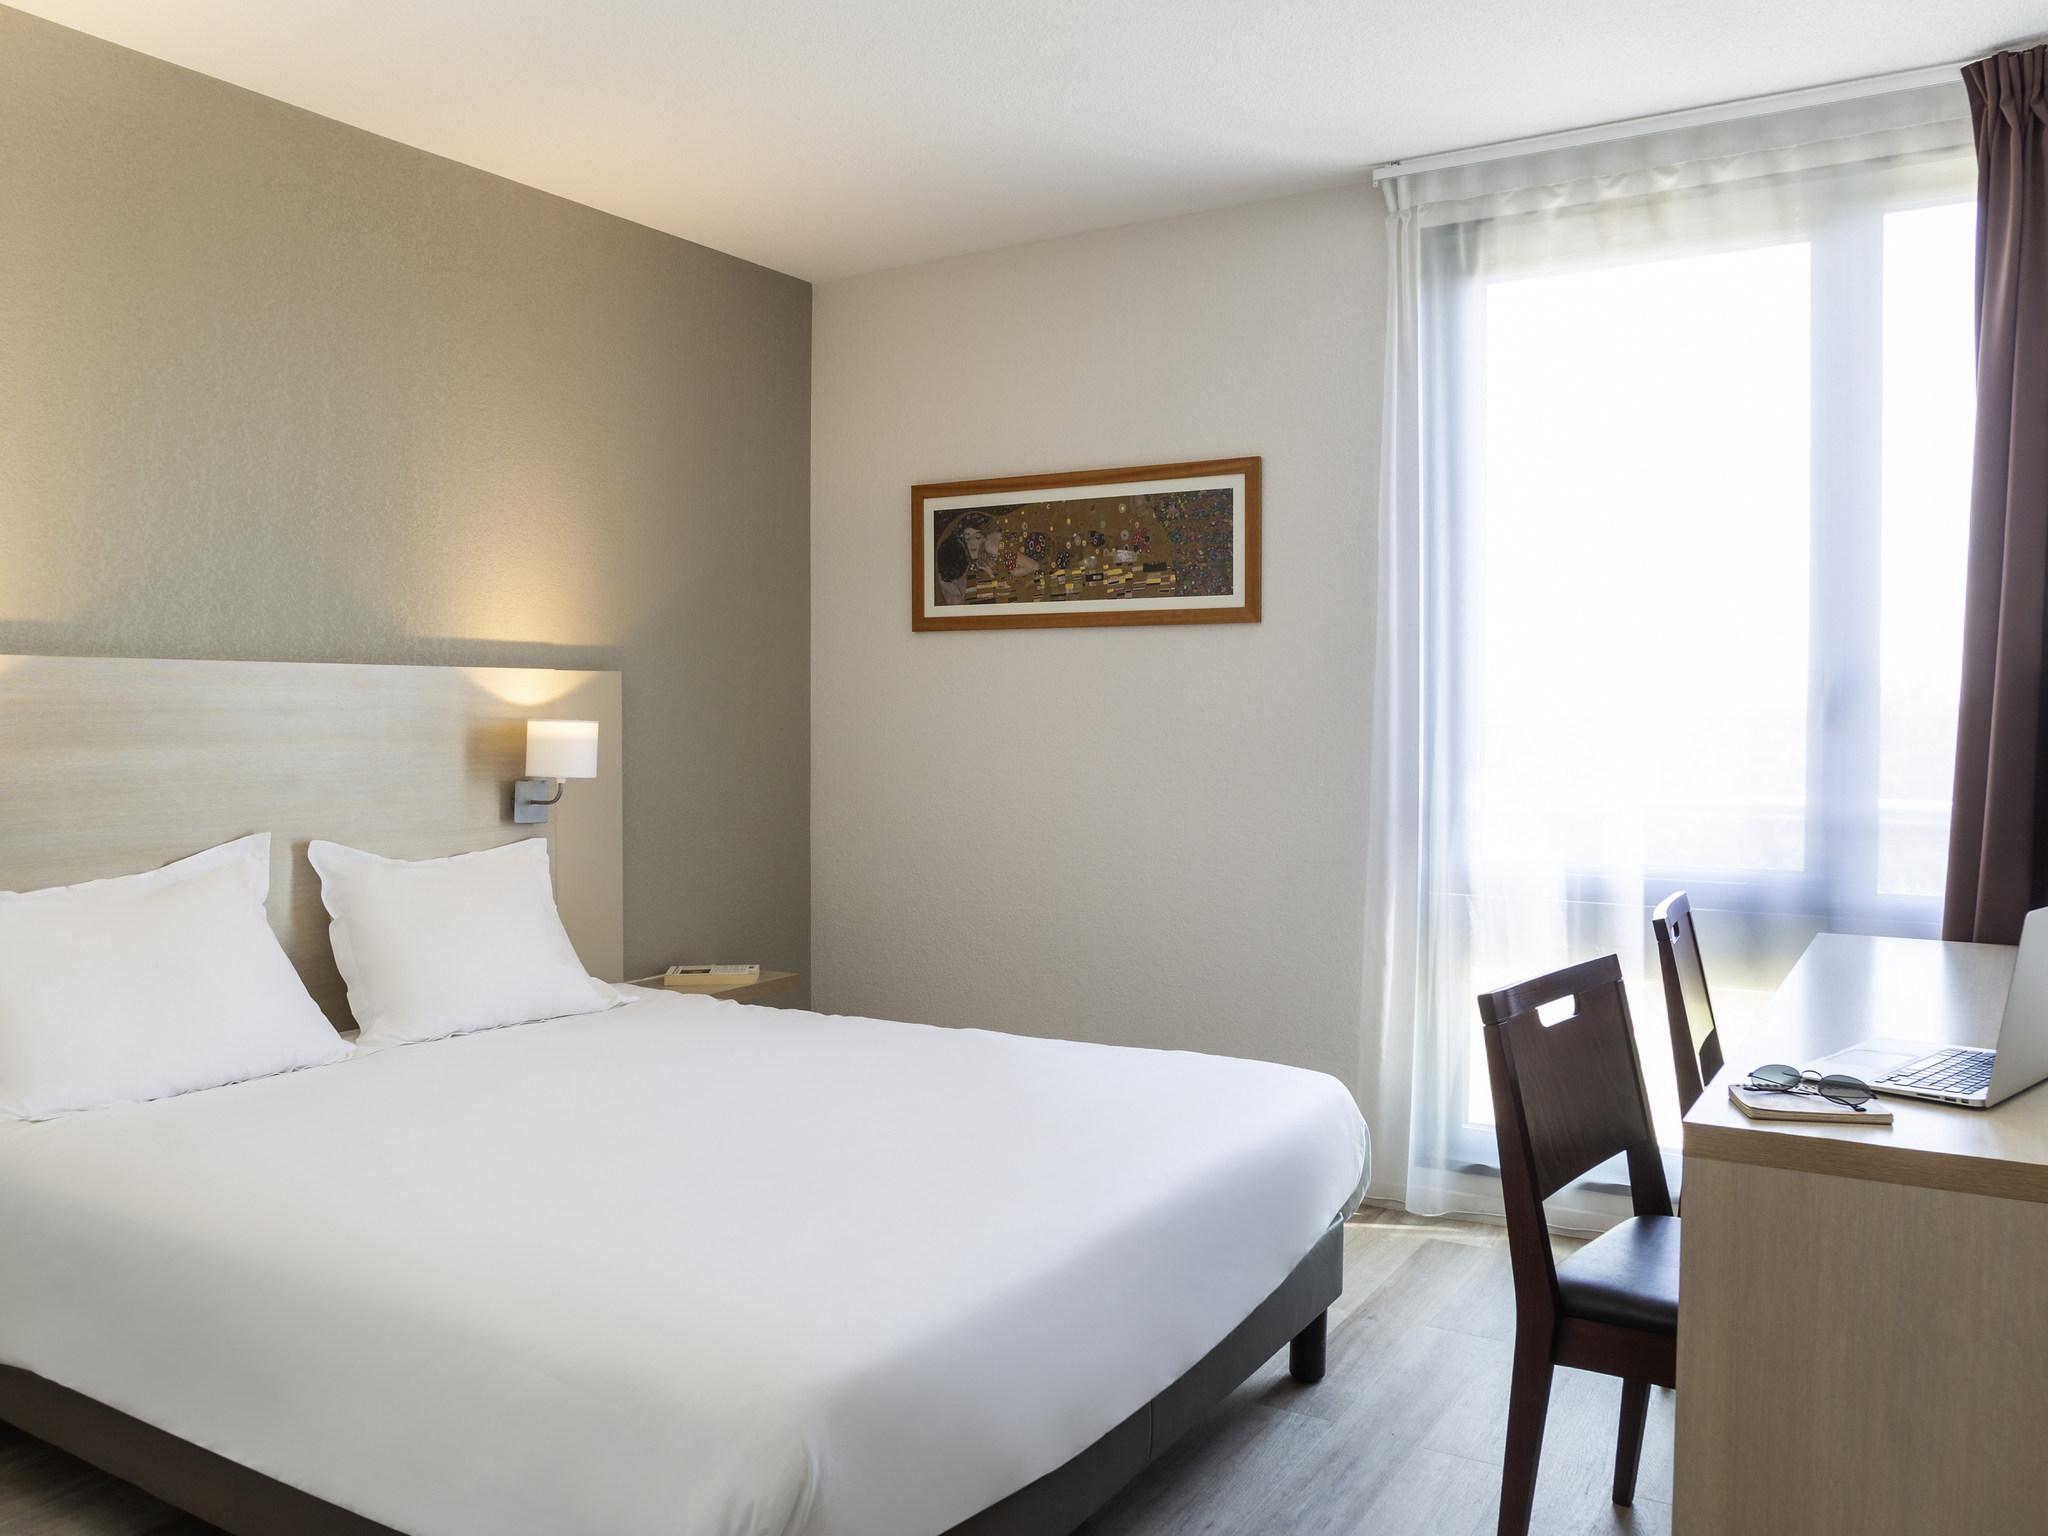 hotel in avignon aparthotel adagio access avignon